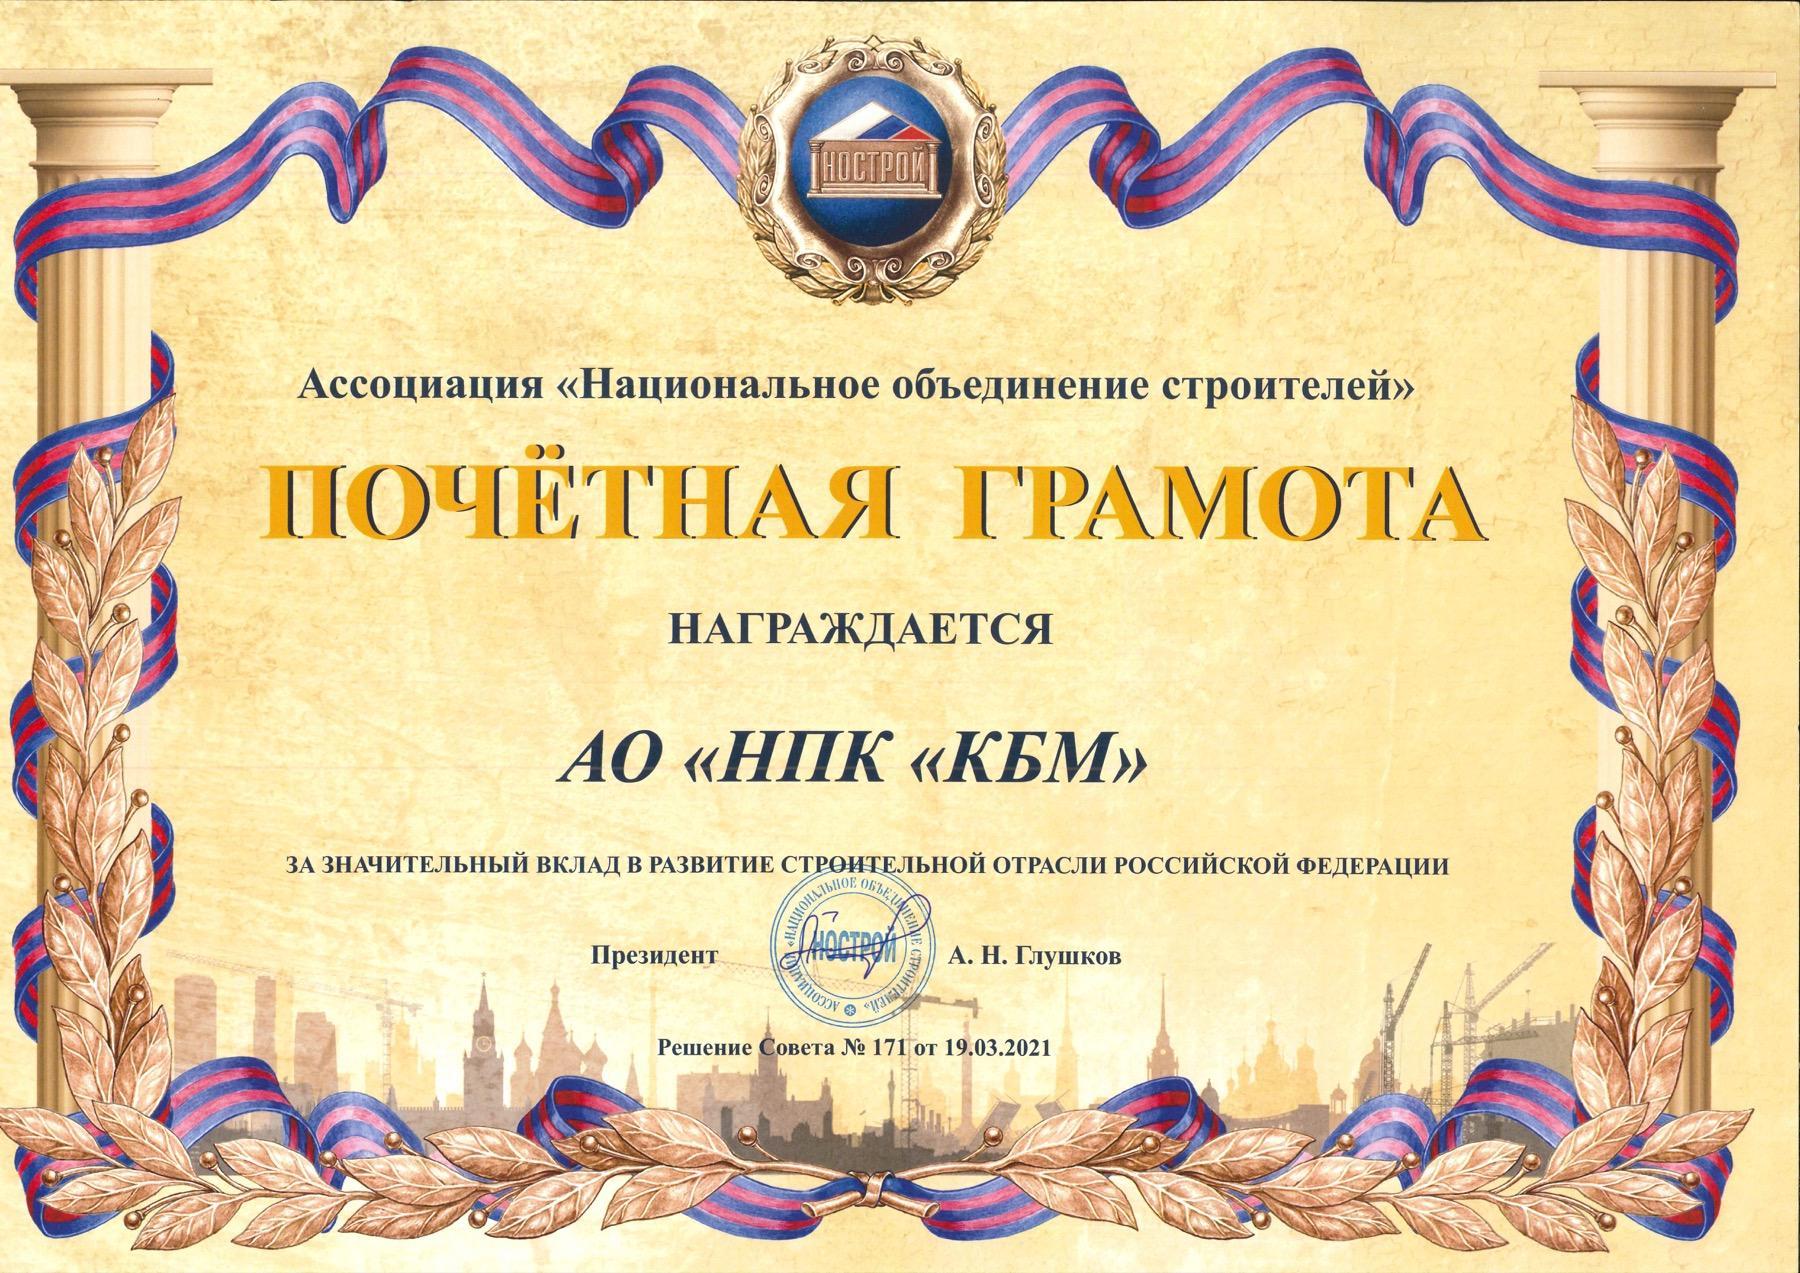 КБМ награждено грамотой Ассоциации «Национальное объединение строителей»